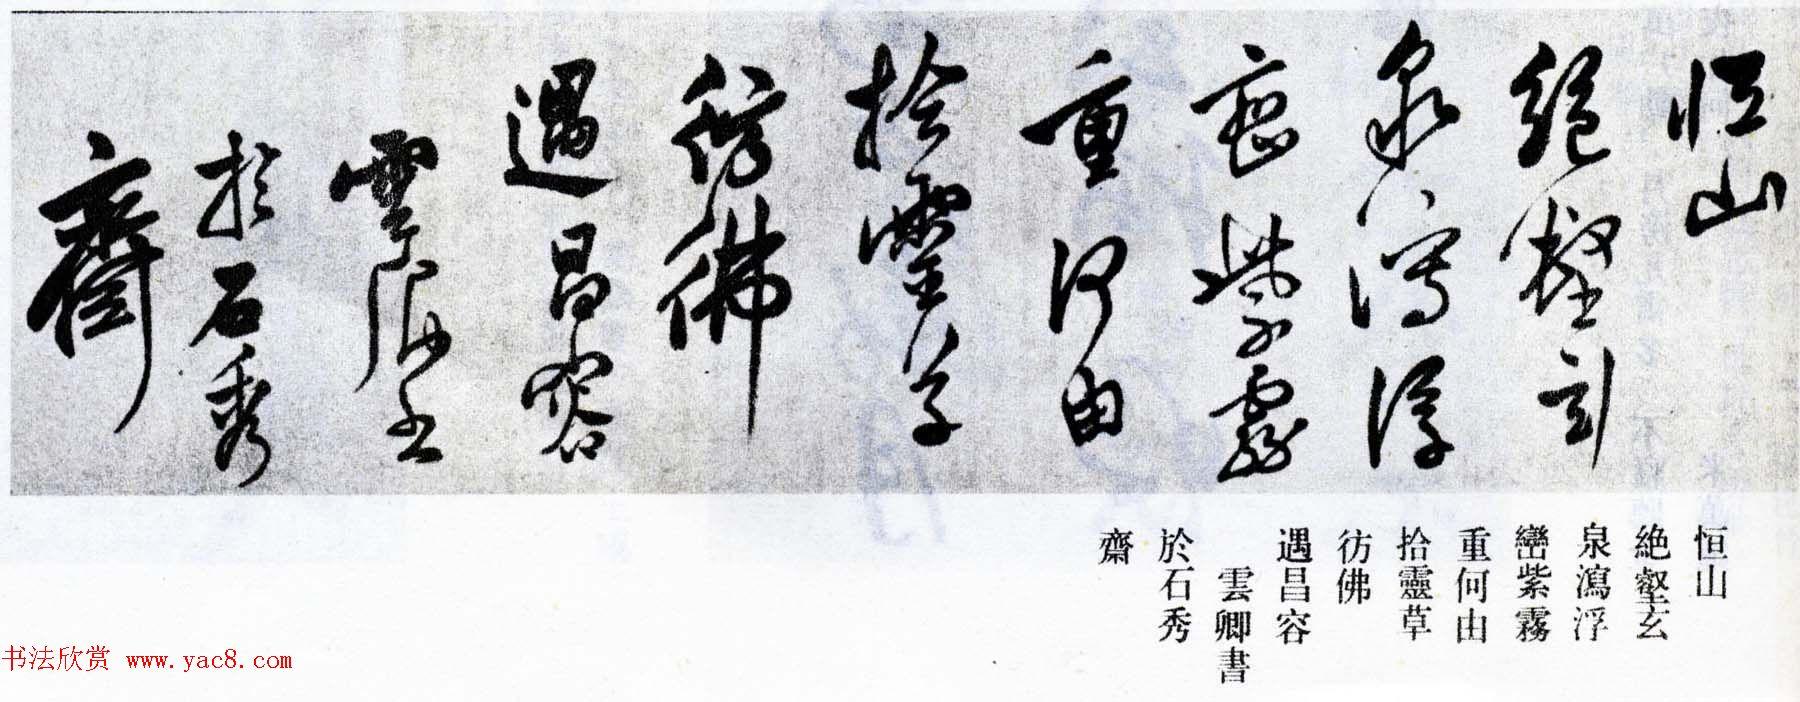 莫是龙行草书法横幅欣赏《五岳诗》